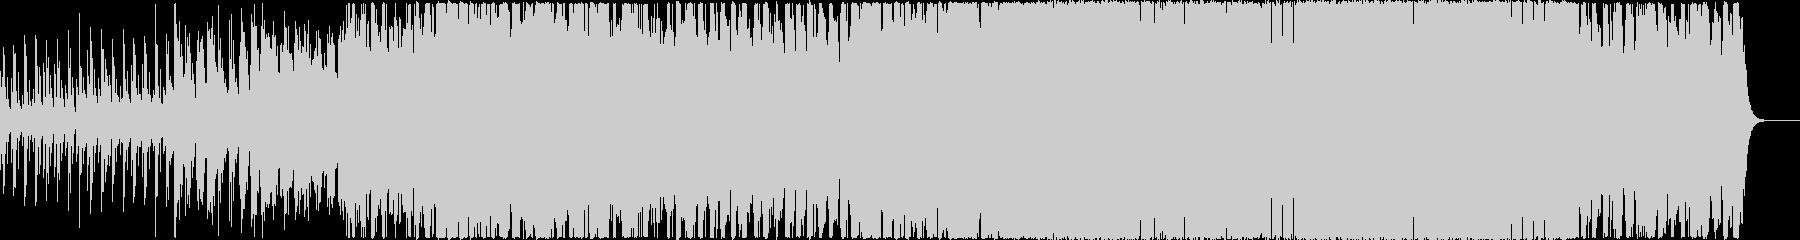 キラキラした開放感のあるコモレビの未再生の波形